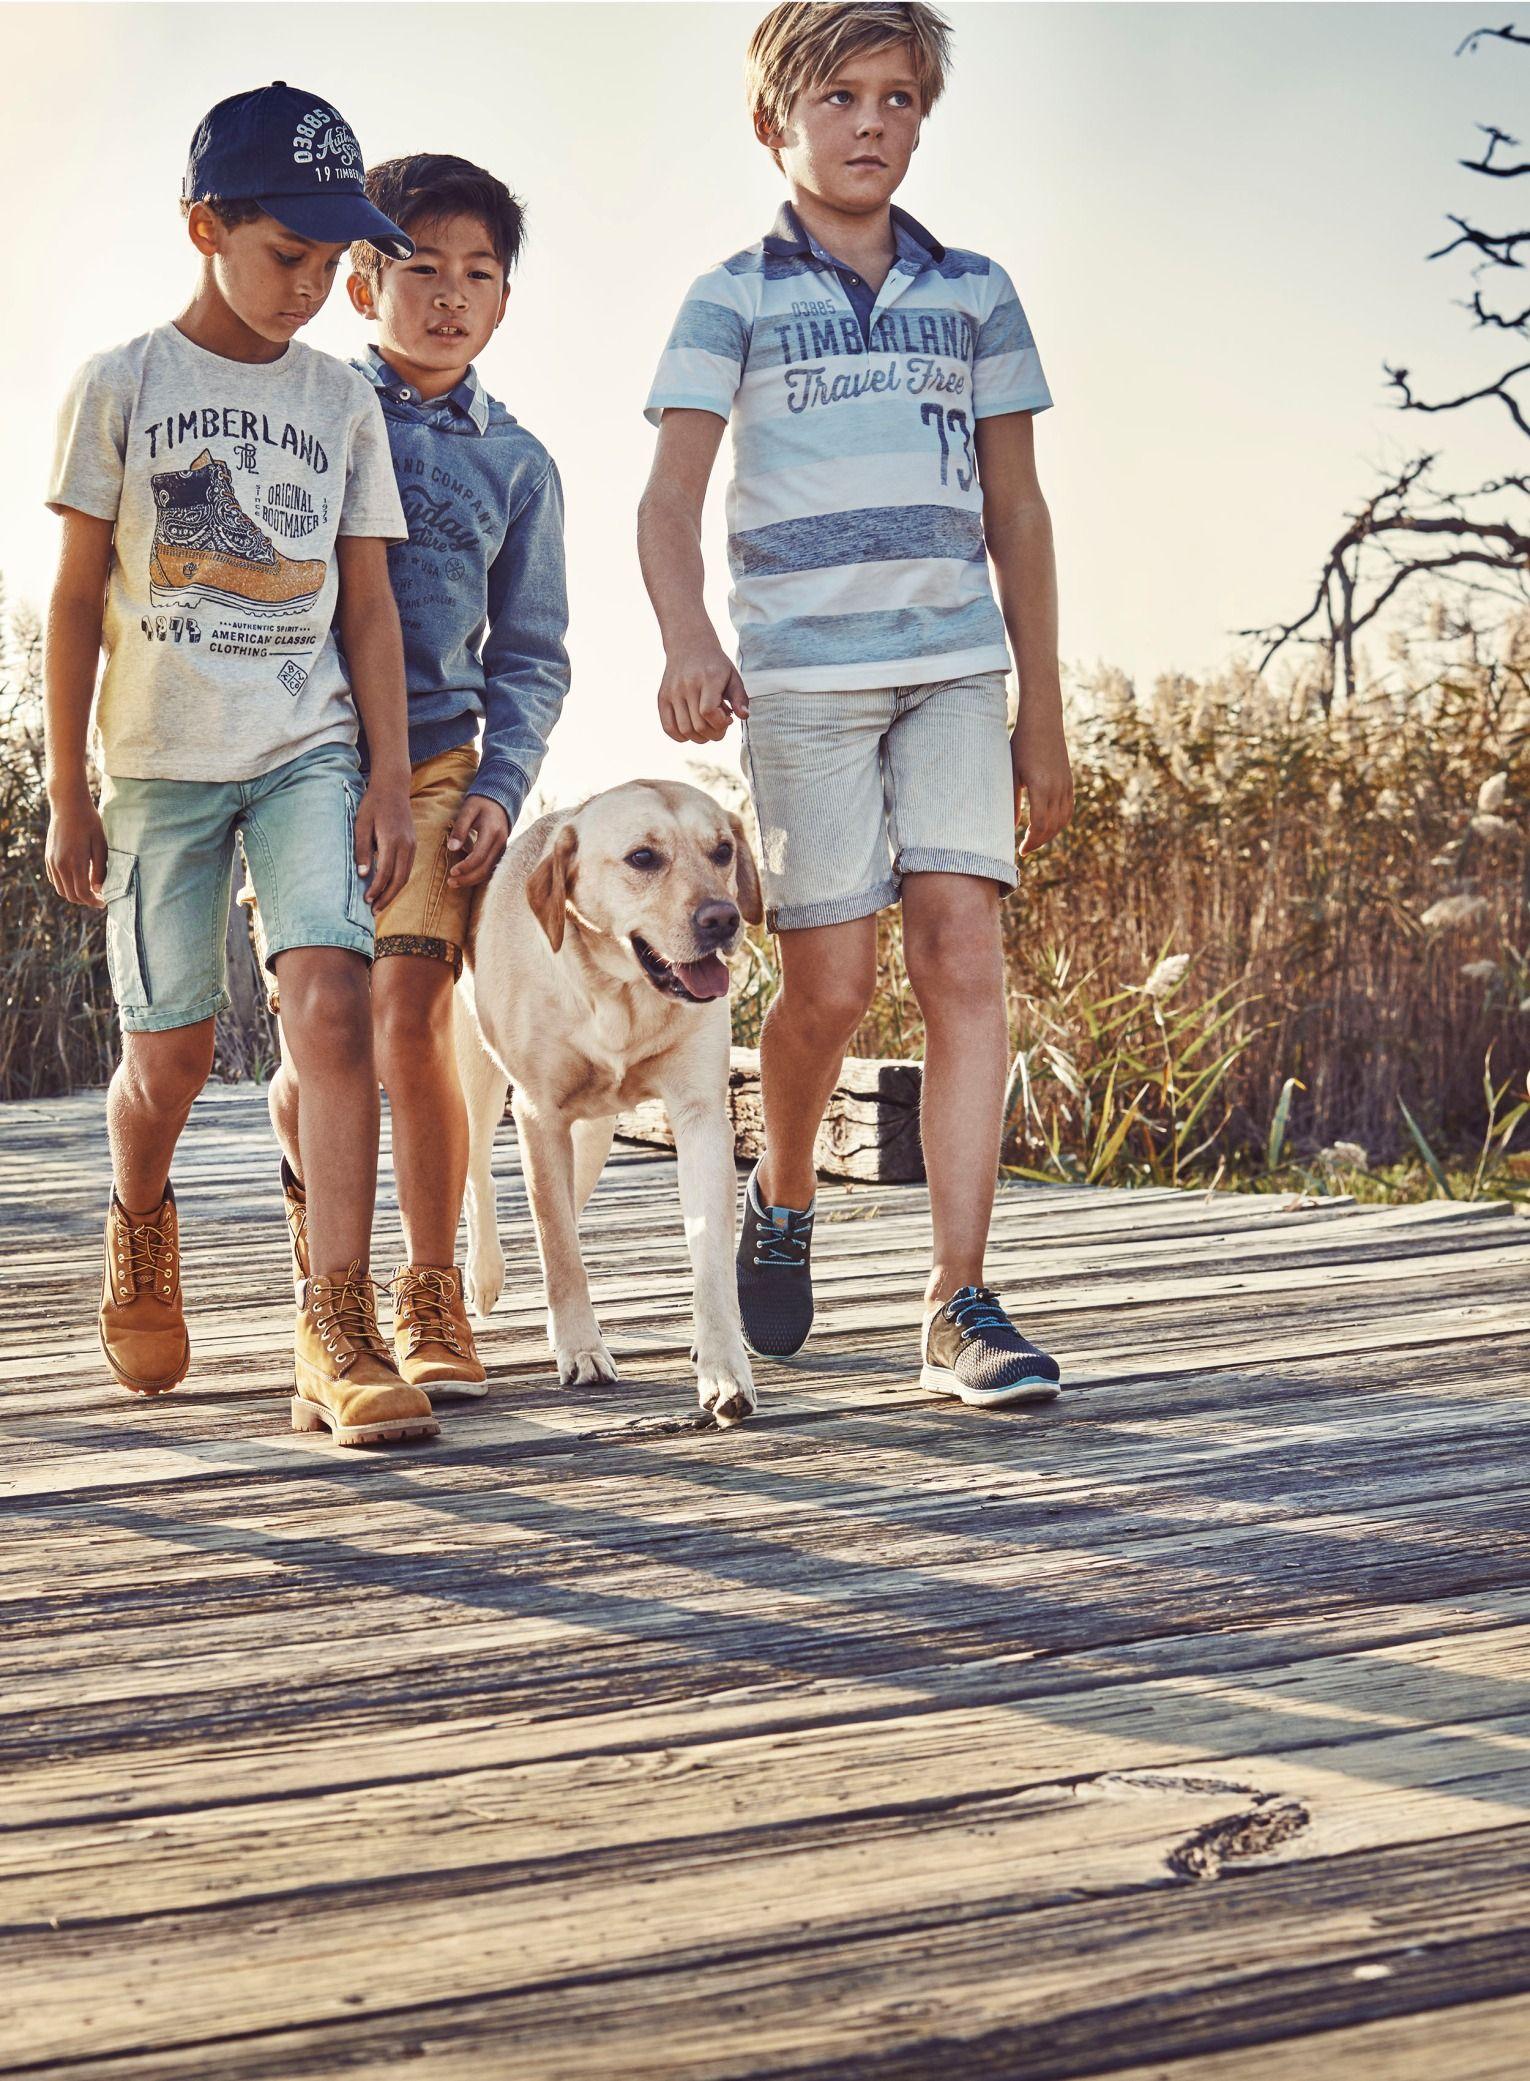 Squad goals. | Timberland kids, Timberland, Boy fashion